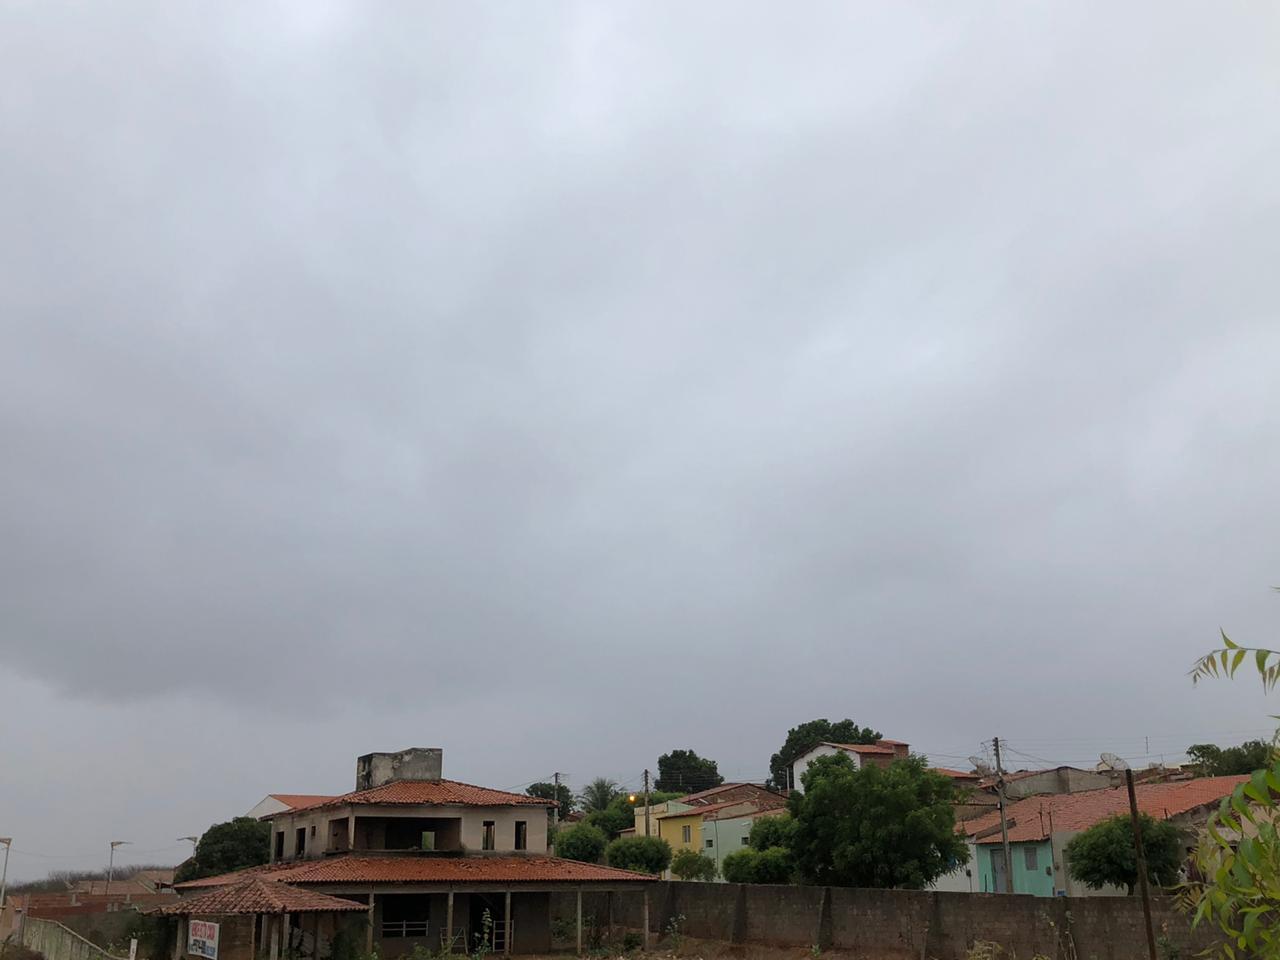 Maior concentração de nuvens colaborou para chuvas no sul do Estado (FOTO: Marciel Bezerra)